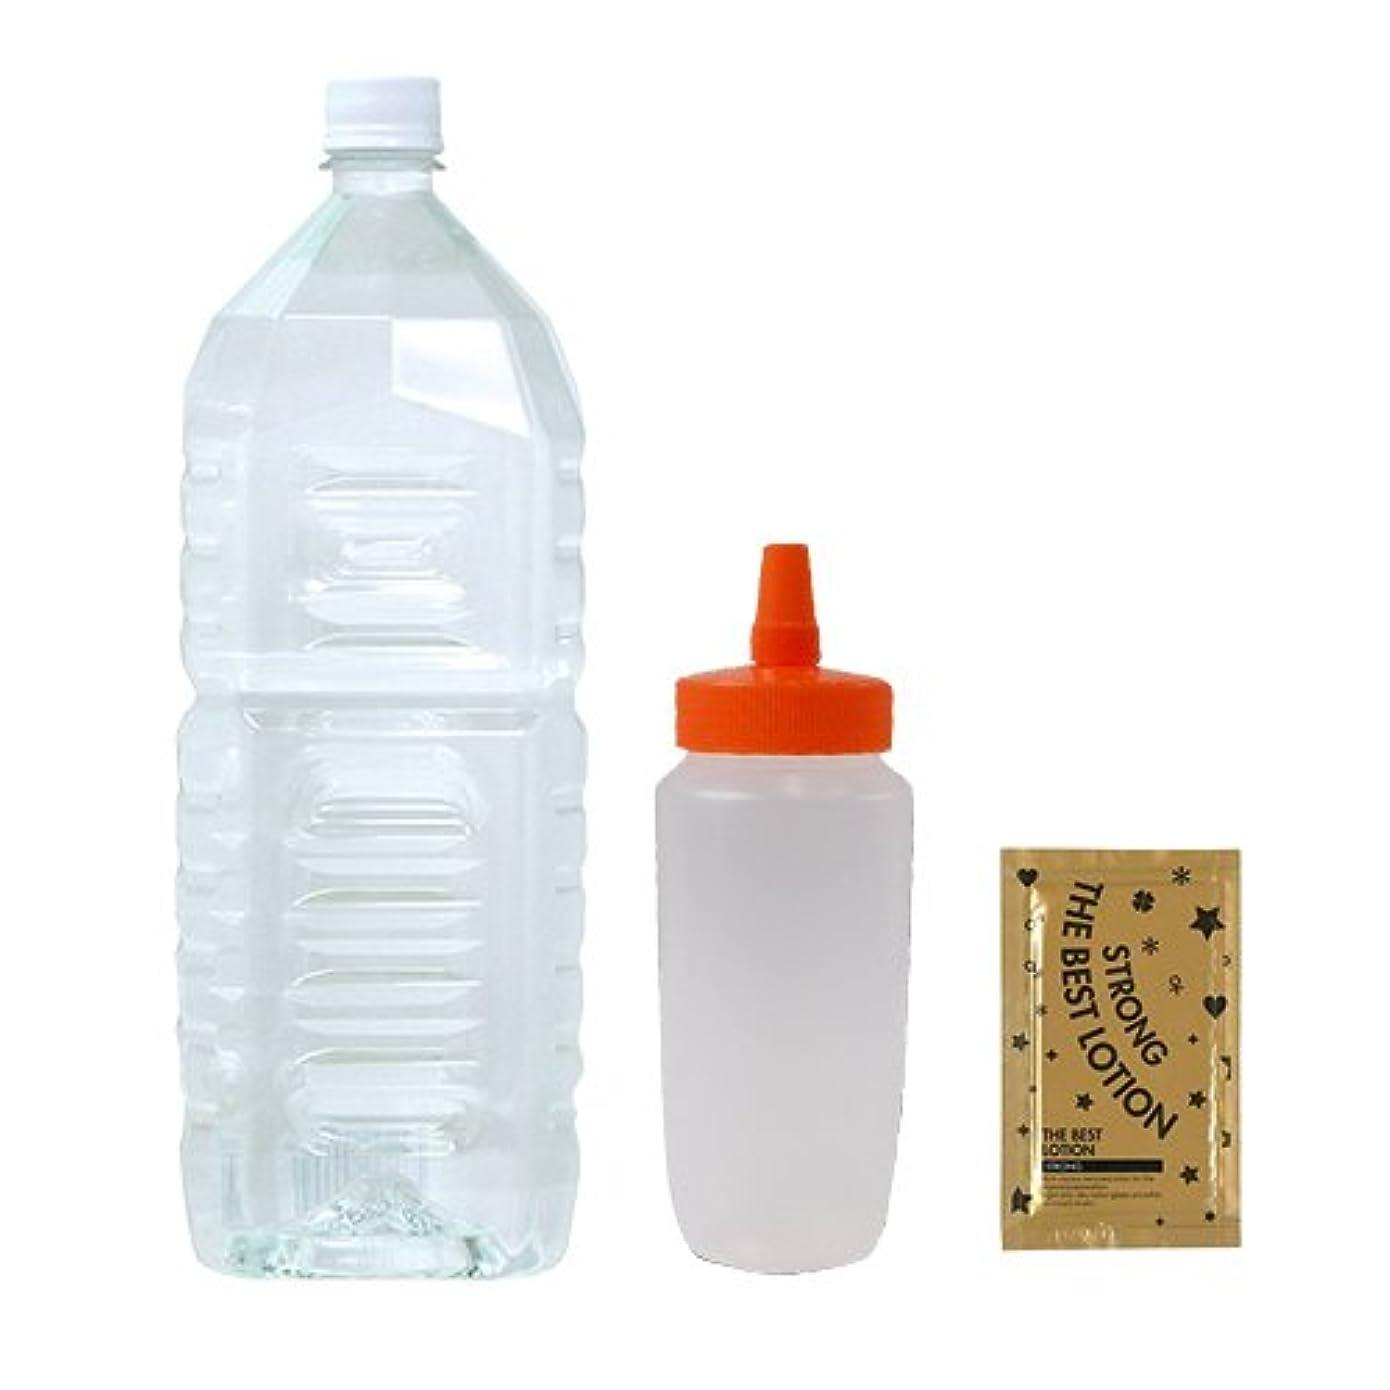 華氏再び過ちクリアローション 2Lペットボトル ソフトタイプ 業務用ローション + はちみつ容器360ml(オレンジキャップ)+ ベストローションストロング 1包付き セット